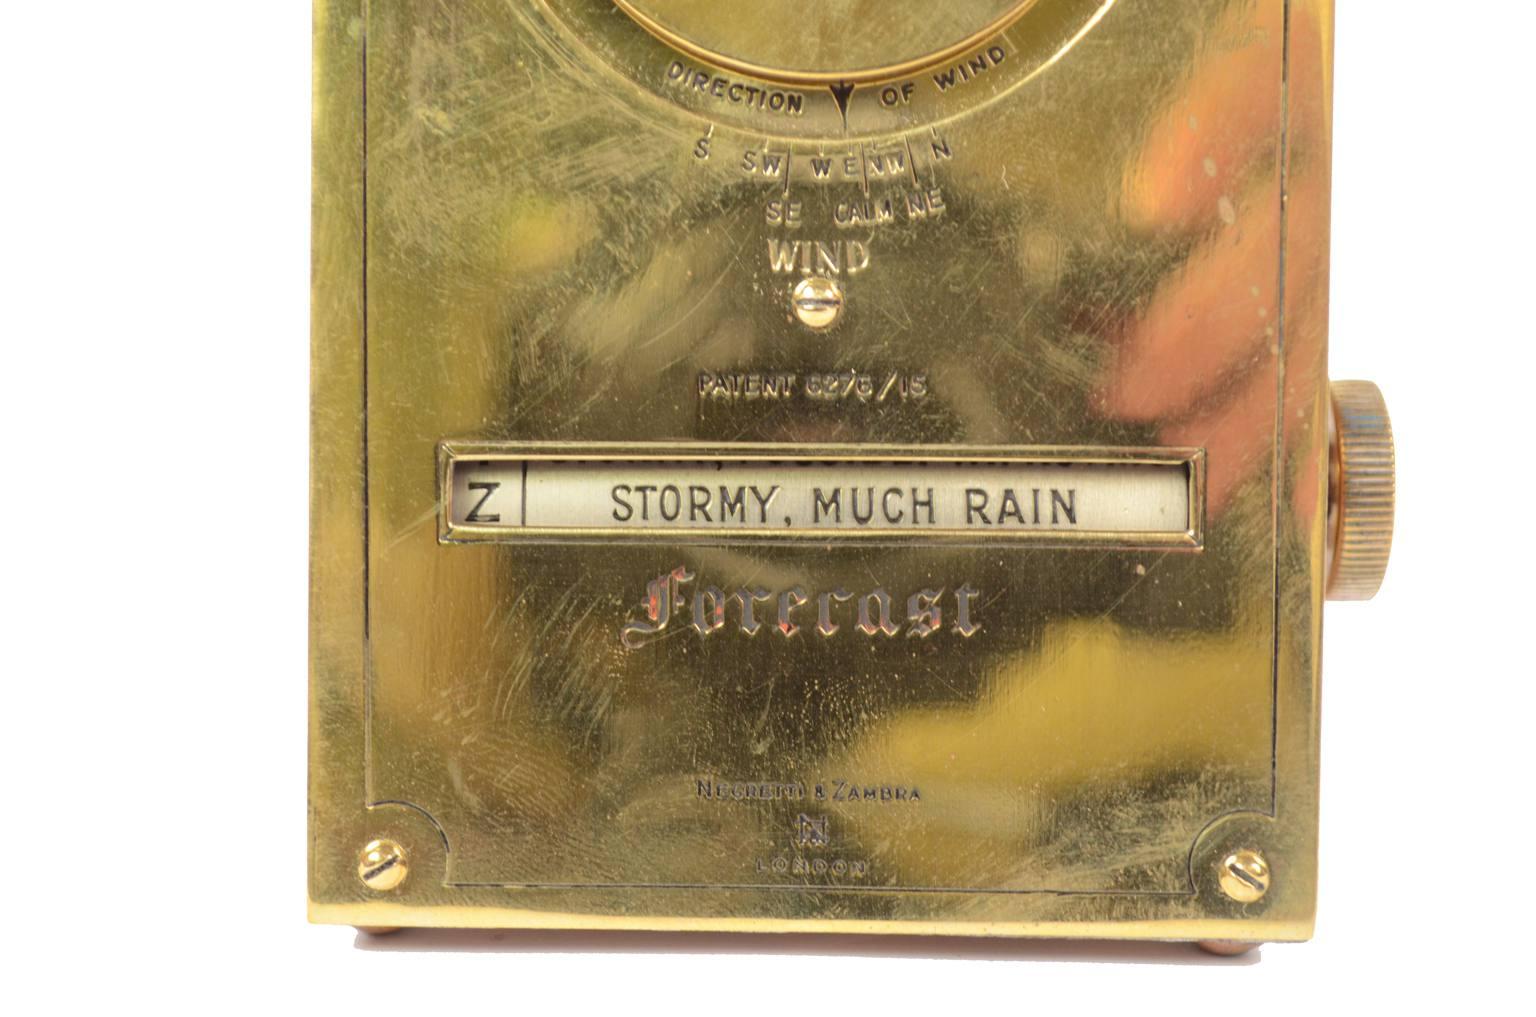 古色古香的晴雨表/61051-造的仪器用于预测天气